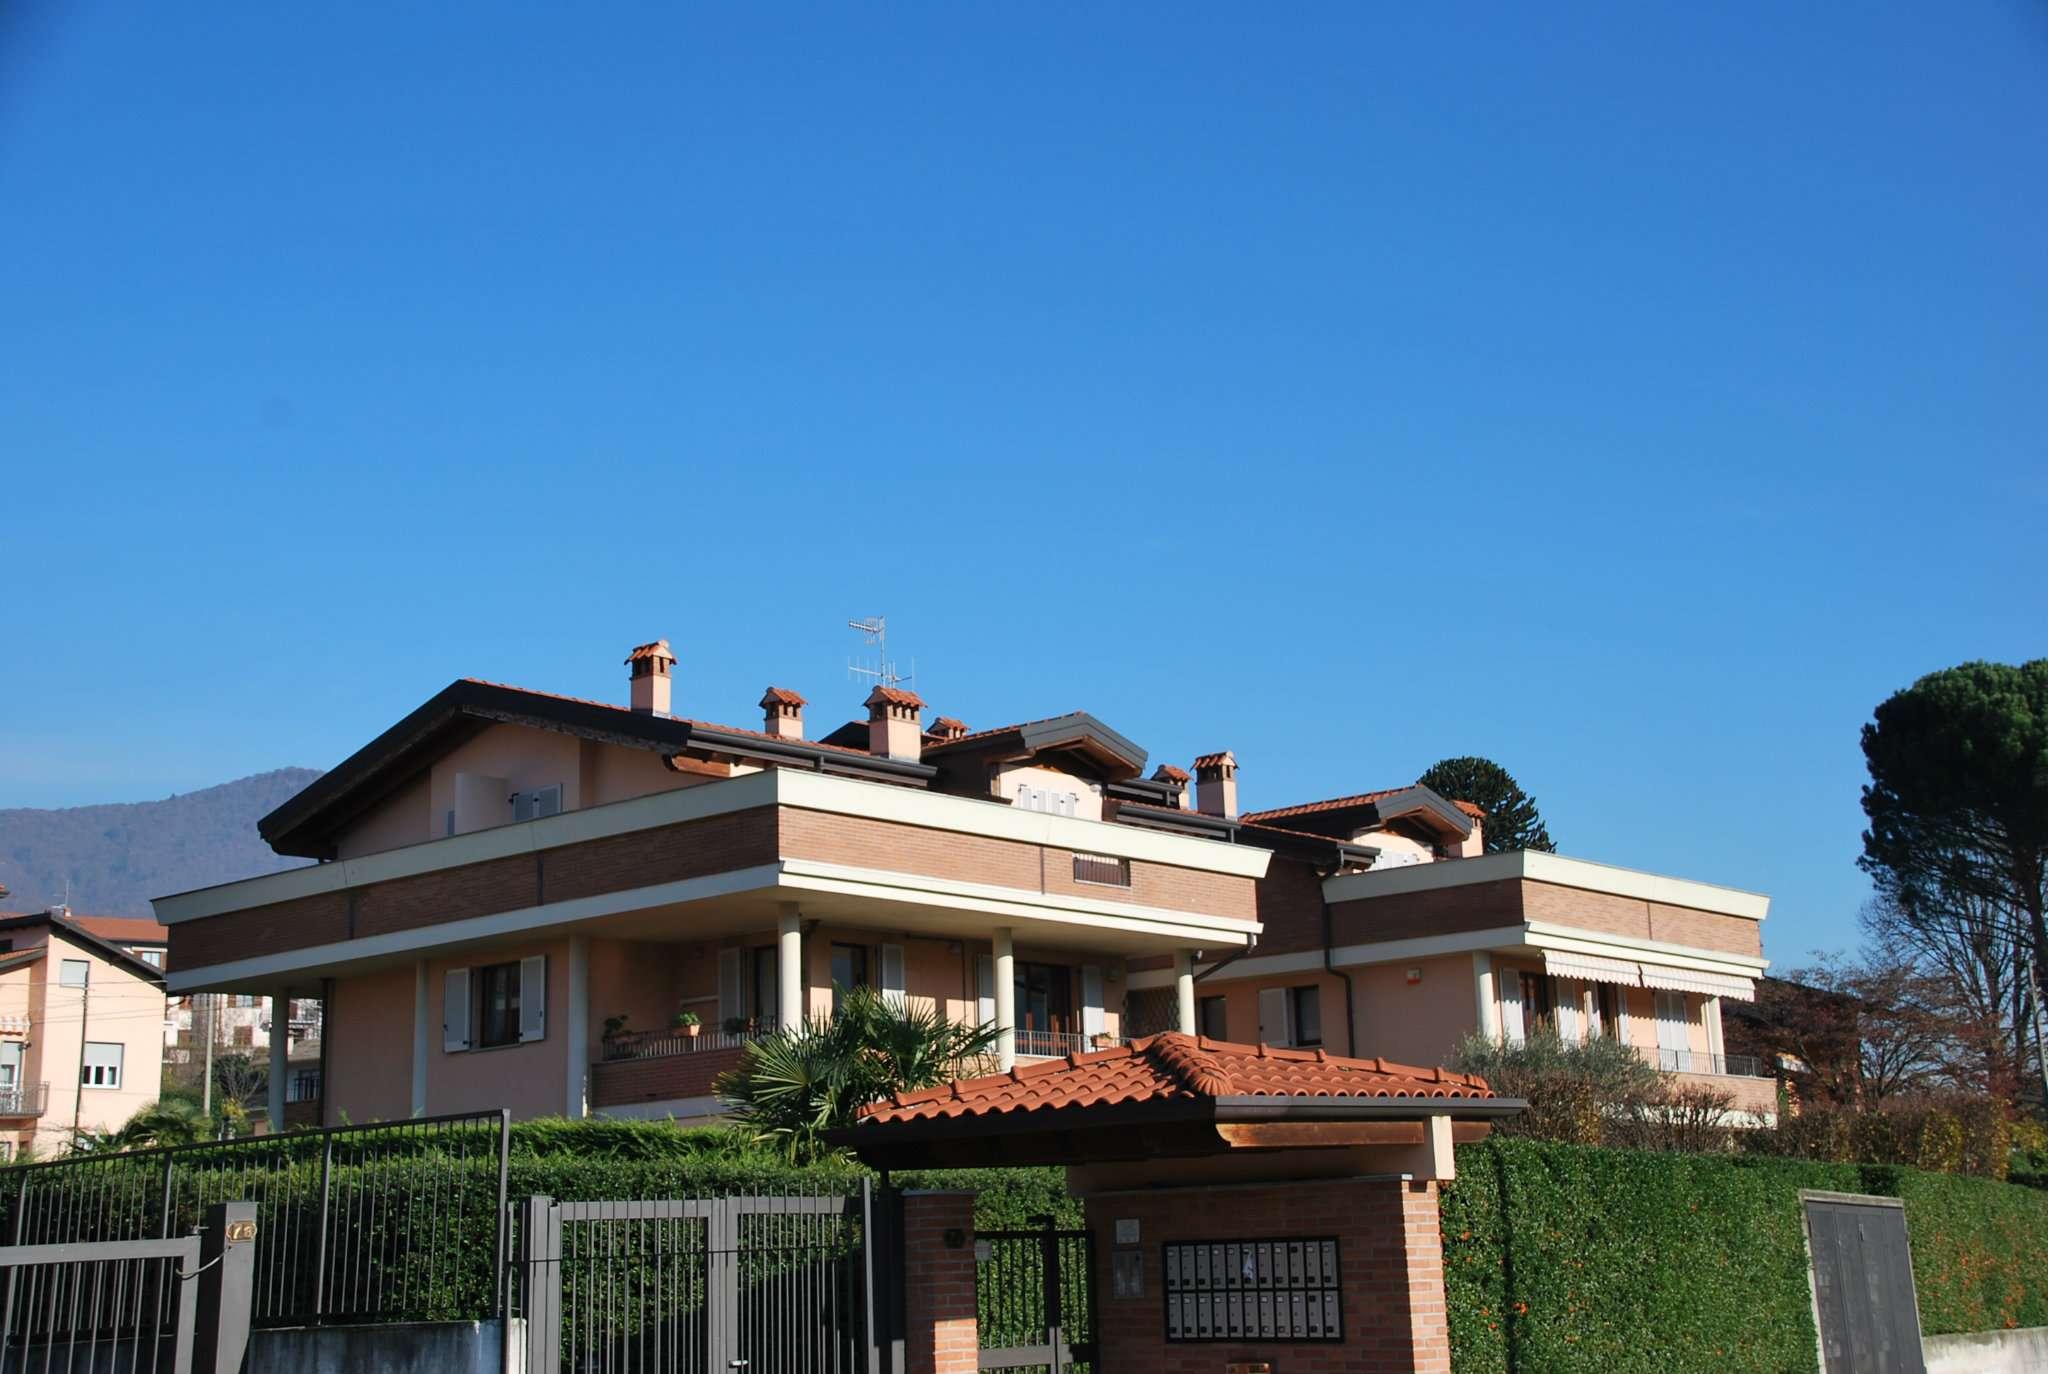 Appartamento in vendita a Brenta, 2 locali, prezzo € 91.000 | CambioCasa.it